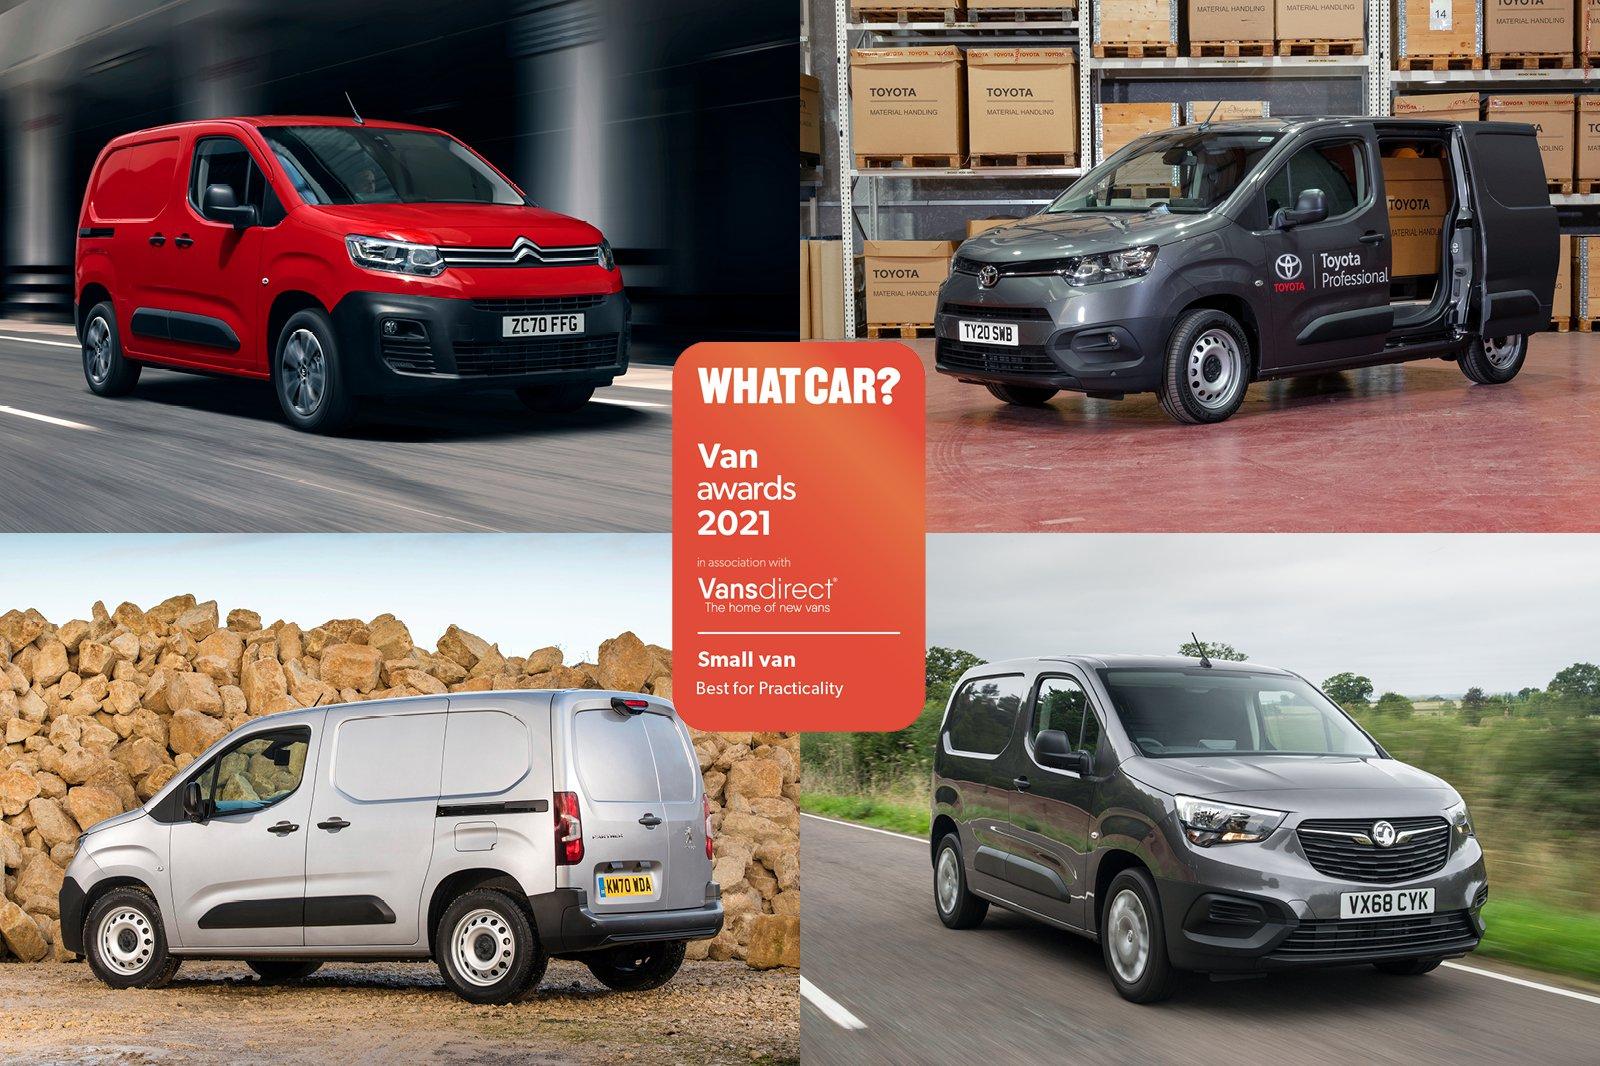 Van Awards - Small Van - Best Practicality (new logo)